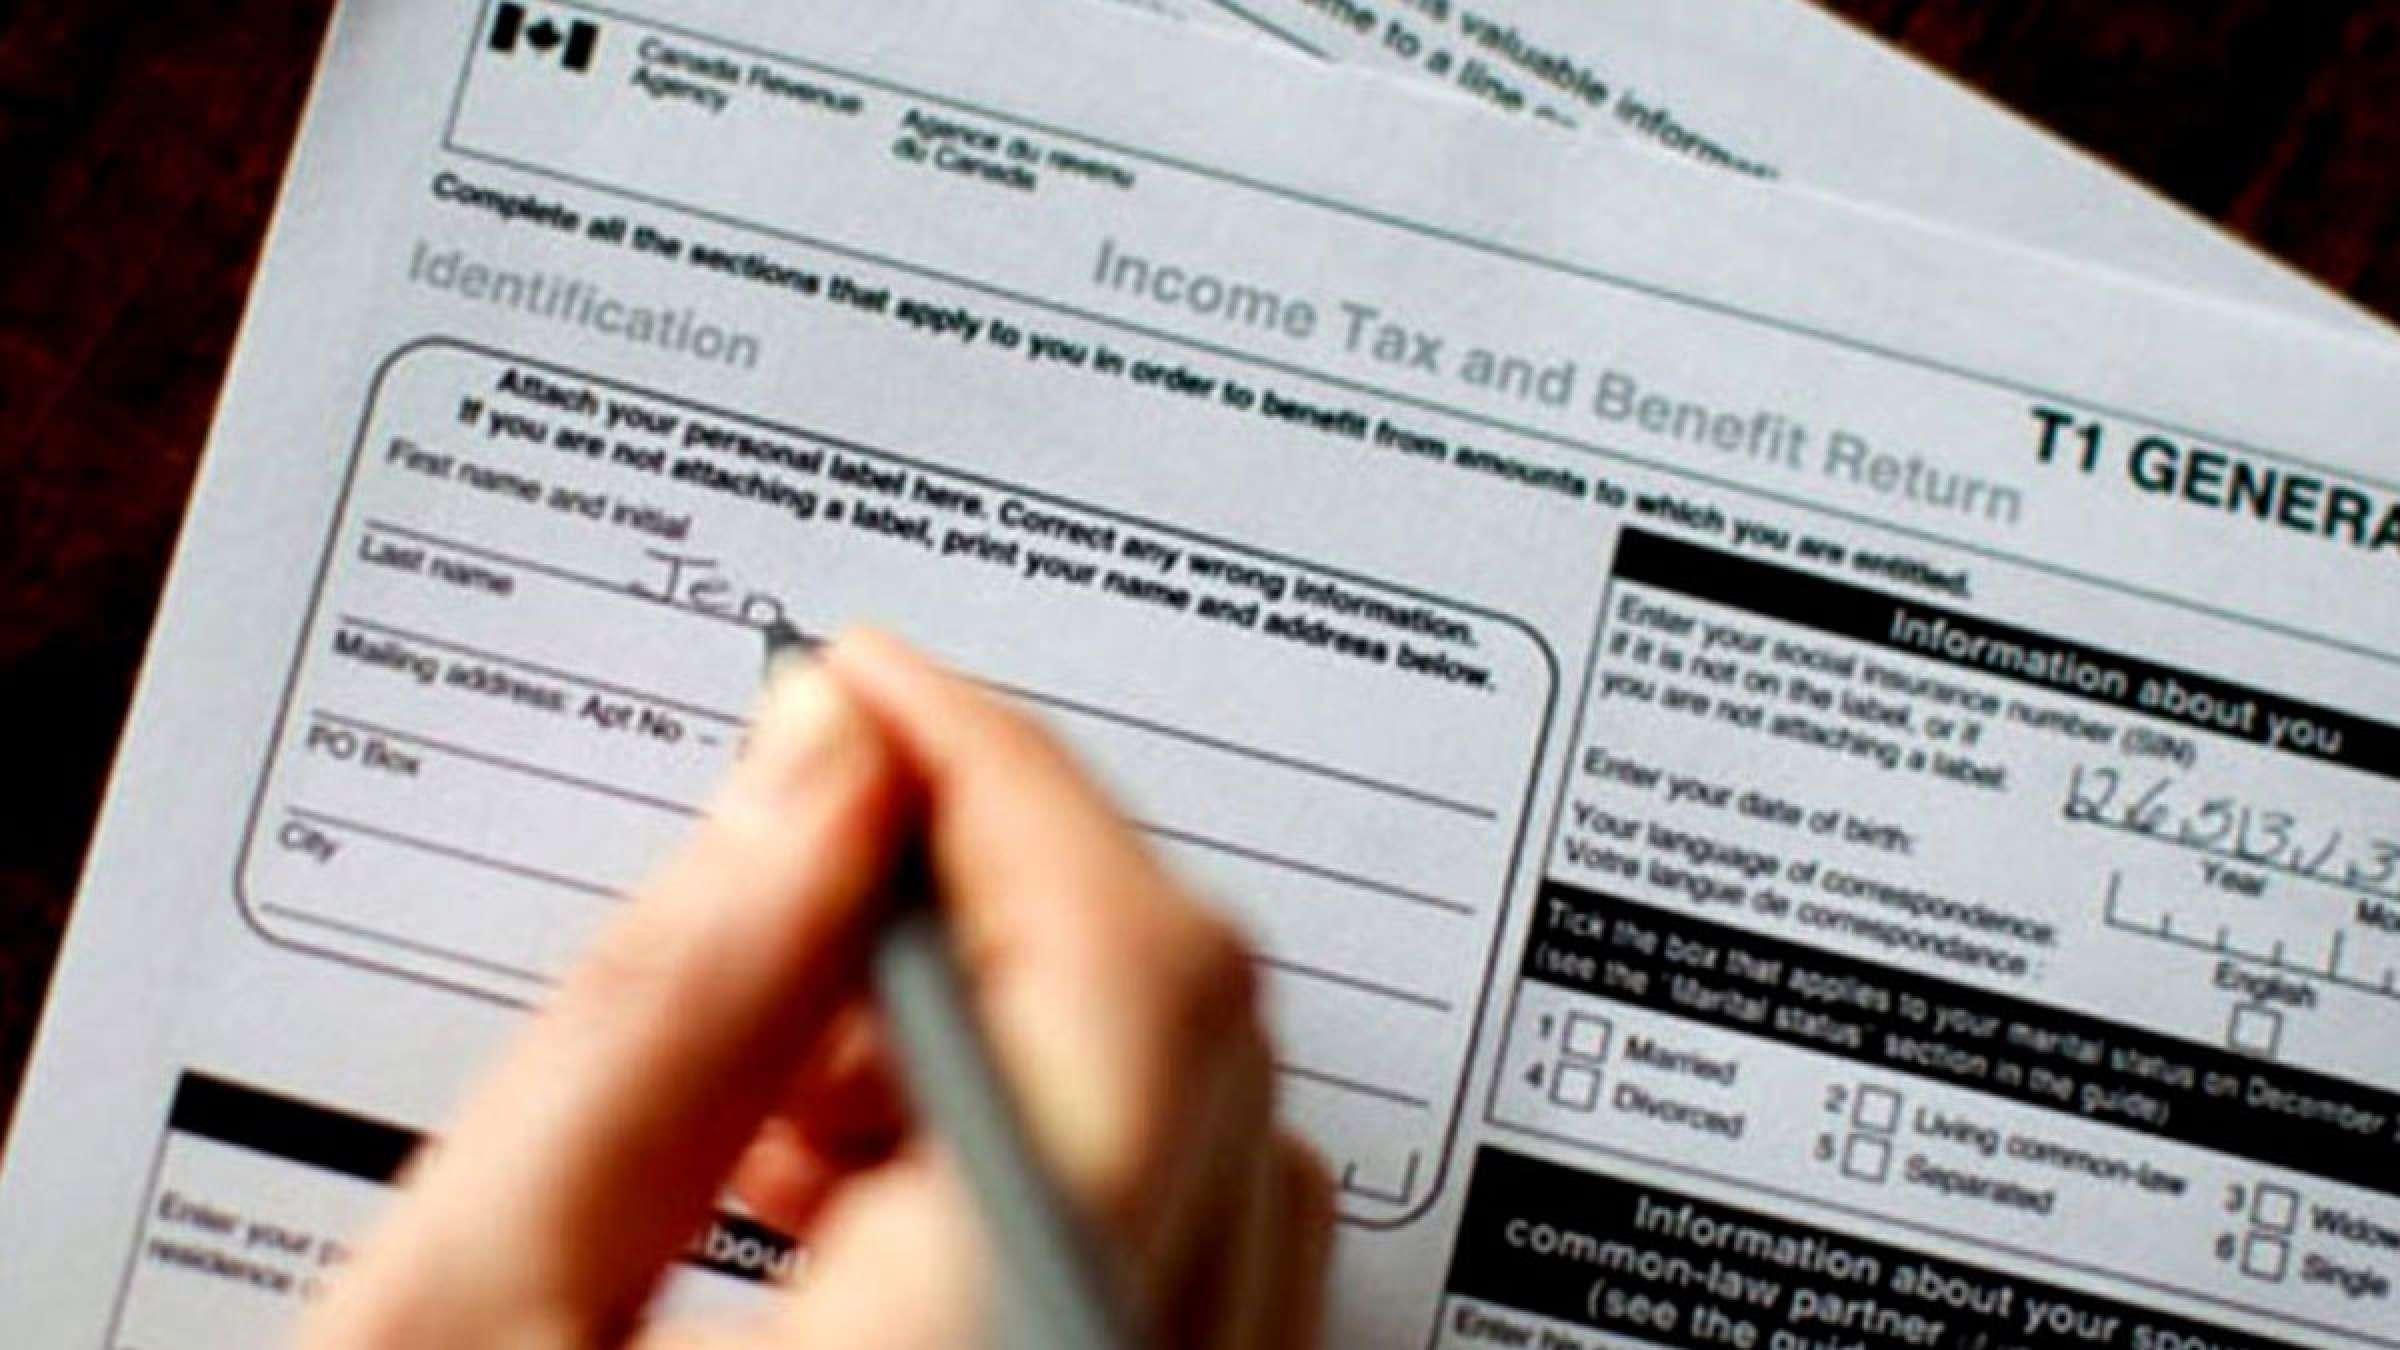 مقاله-اقتصادی-کرونا-مهلت-مالیاتی-۳۰-آوریل-اظهارنامه-پُر-نکنید-یا-پُر-کنید-چه-می-شود